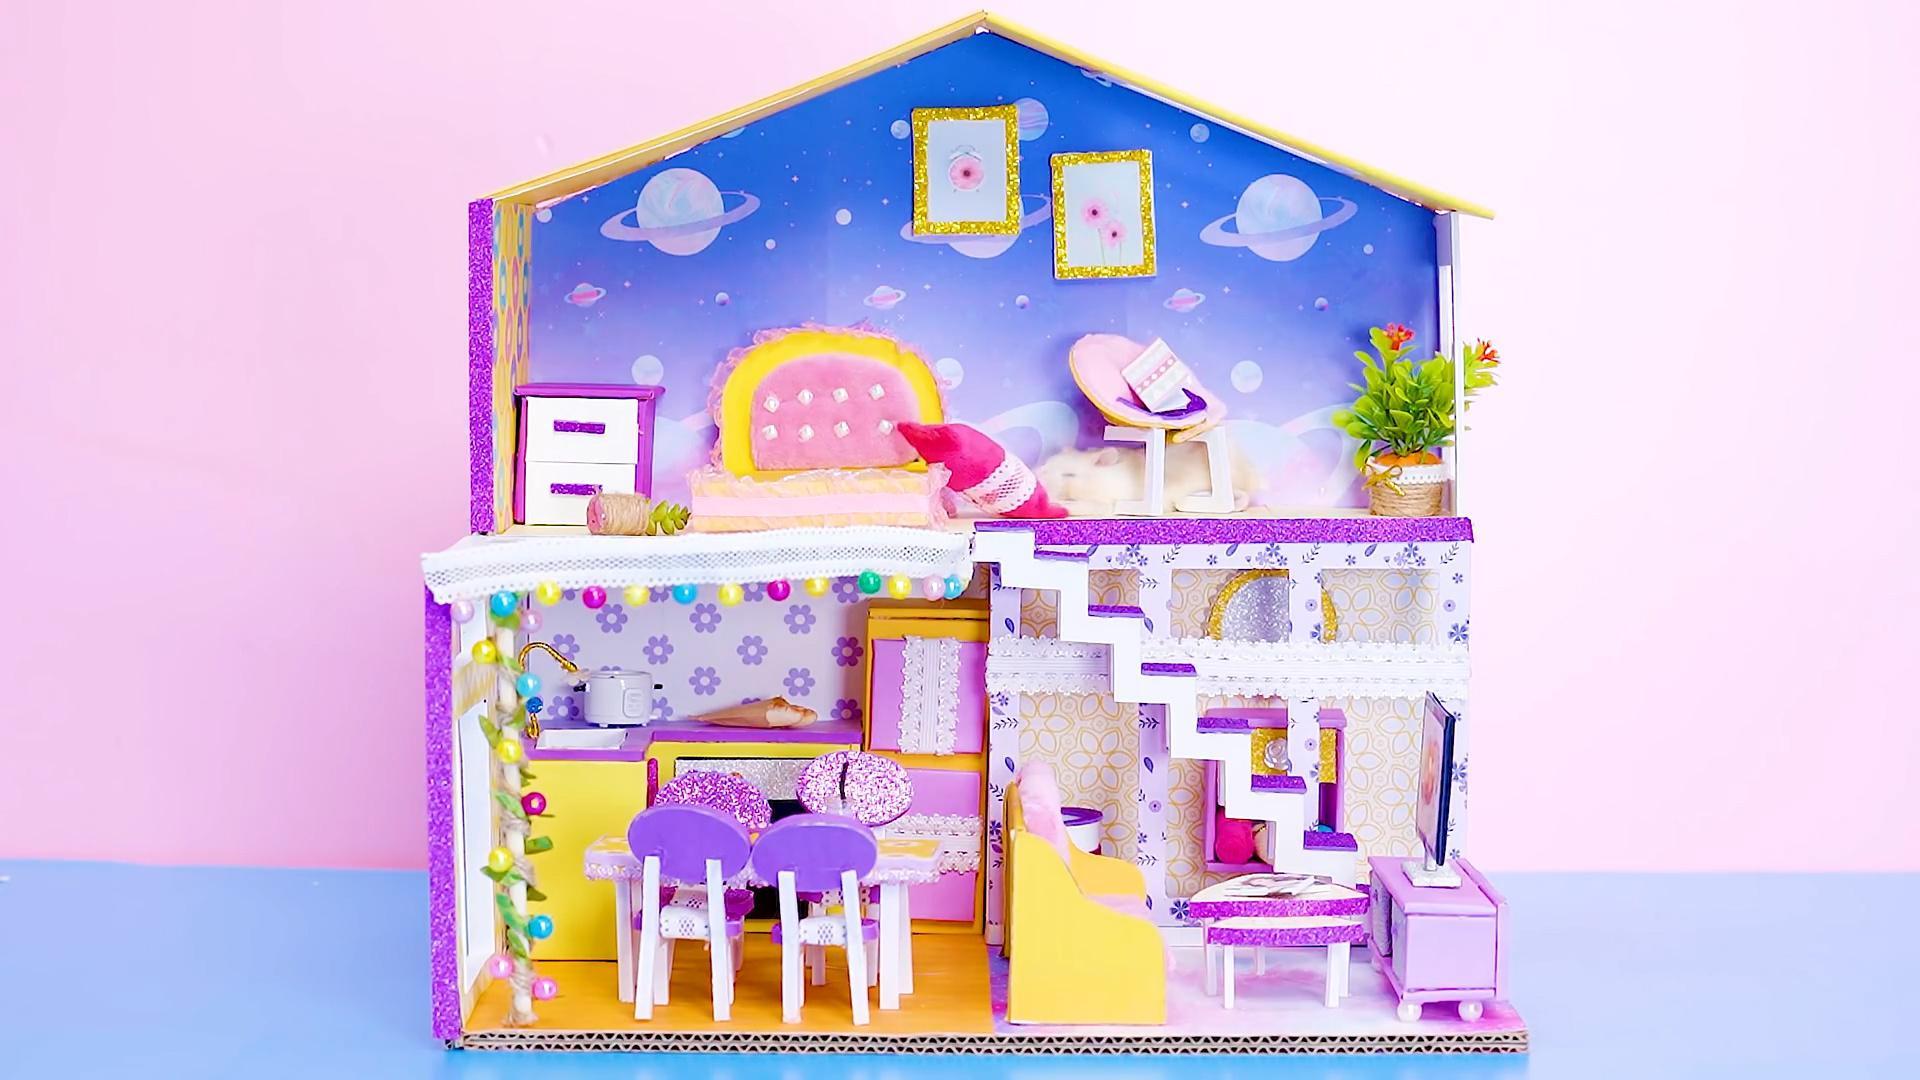 DIY迷你娃娃屋,星空下的双层小别墅